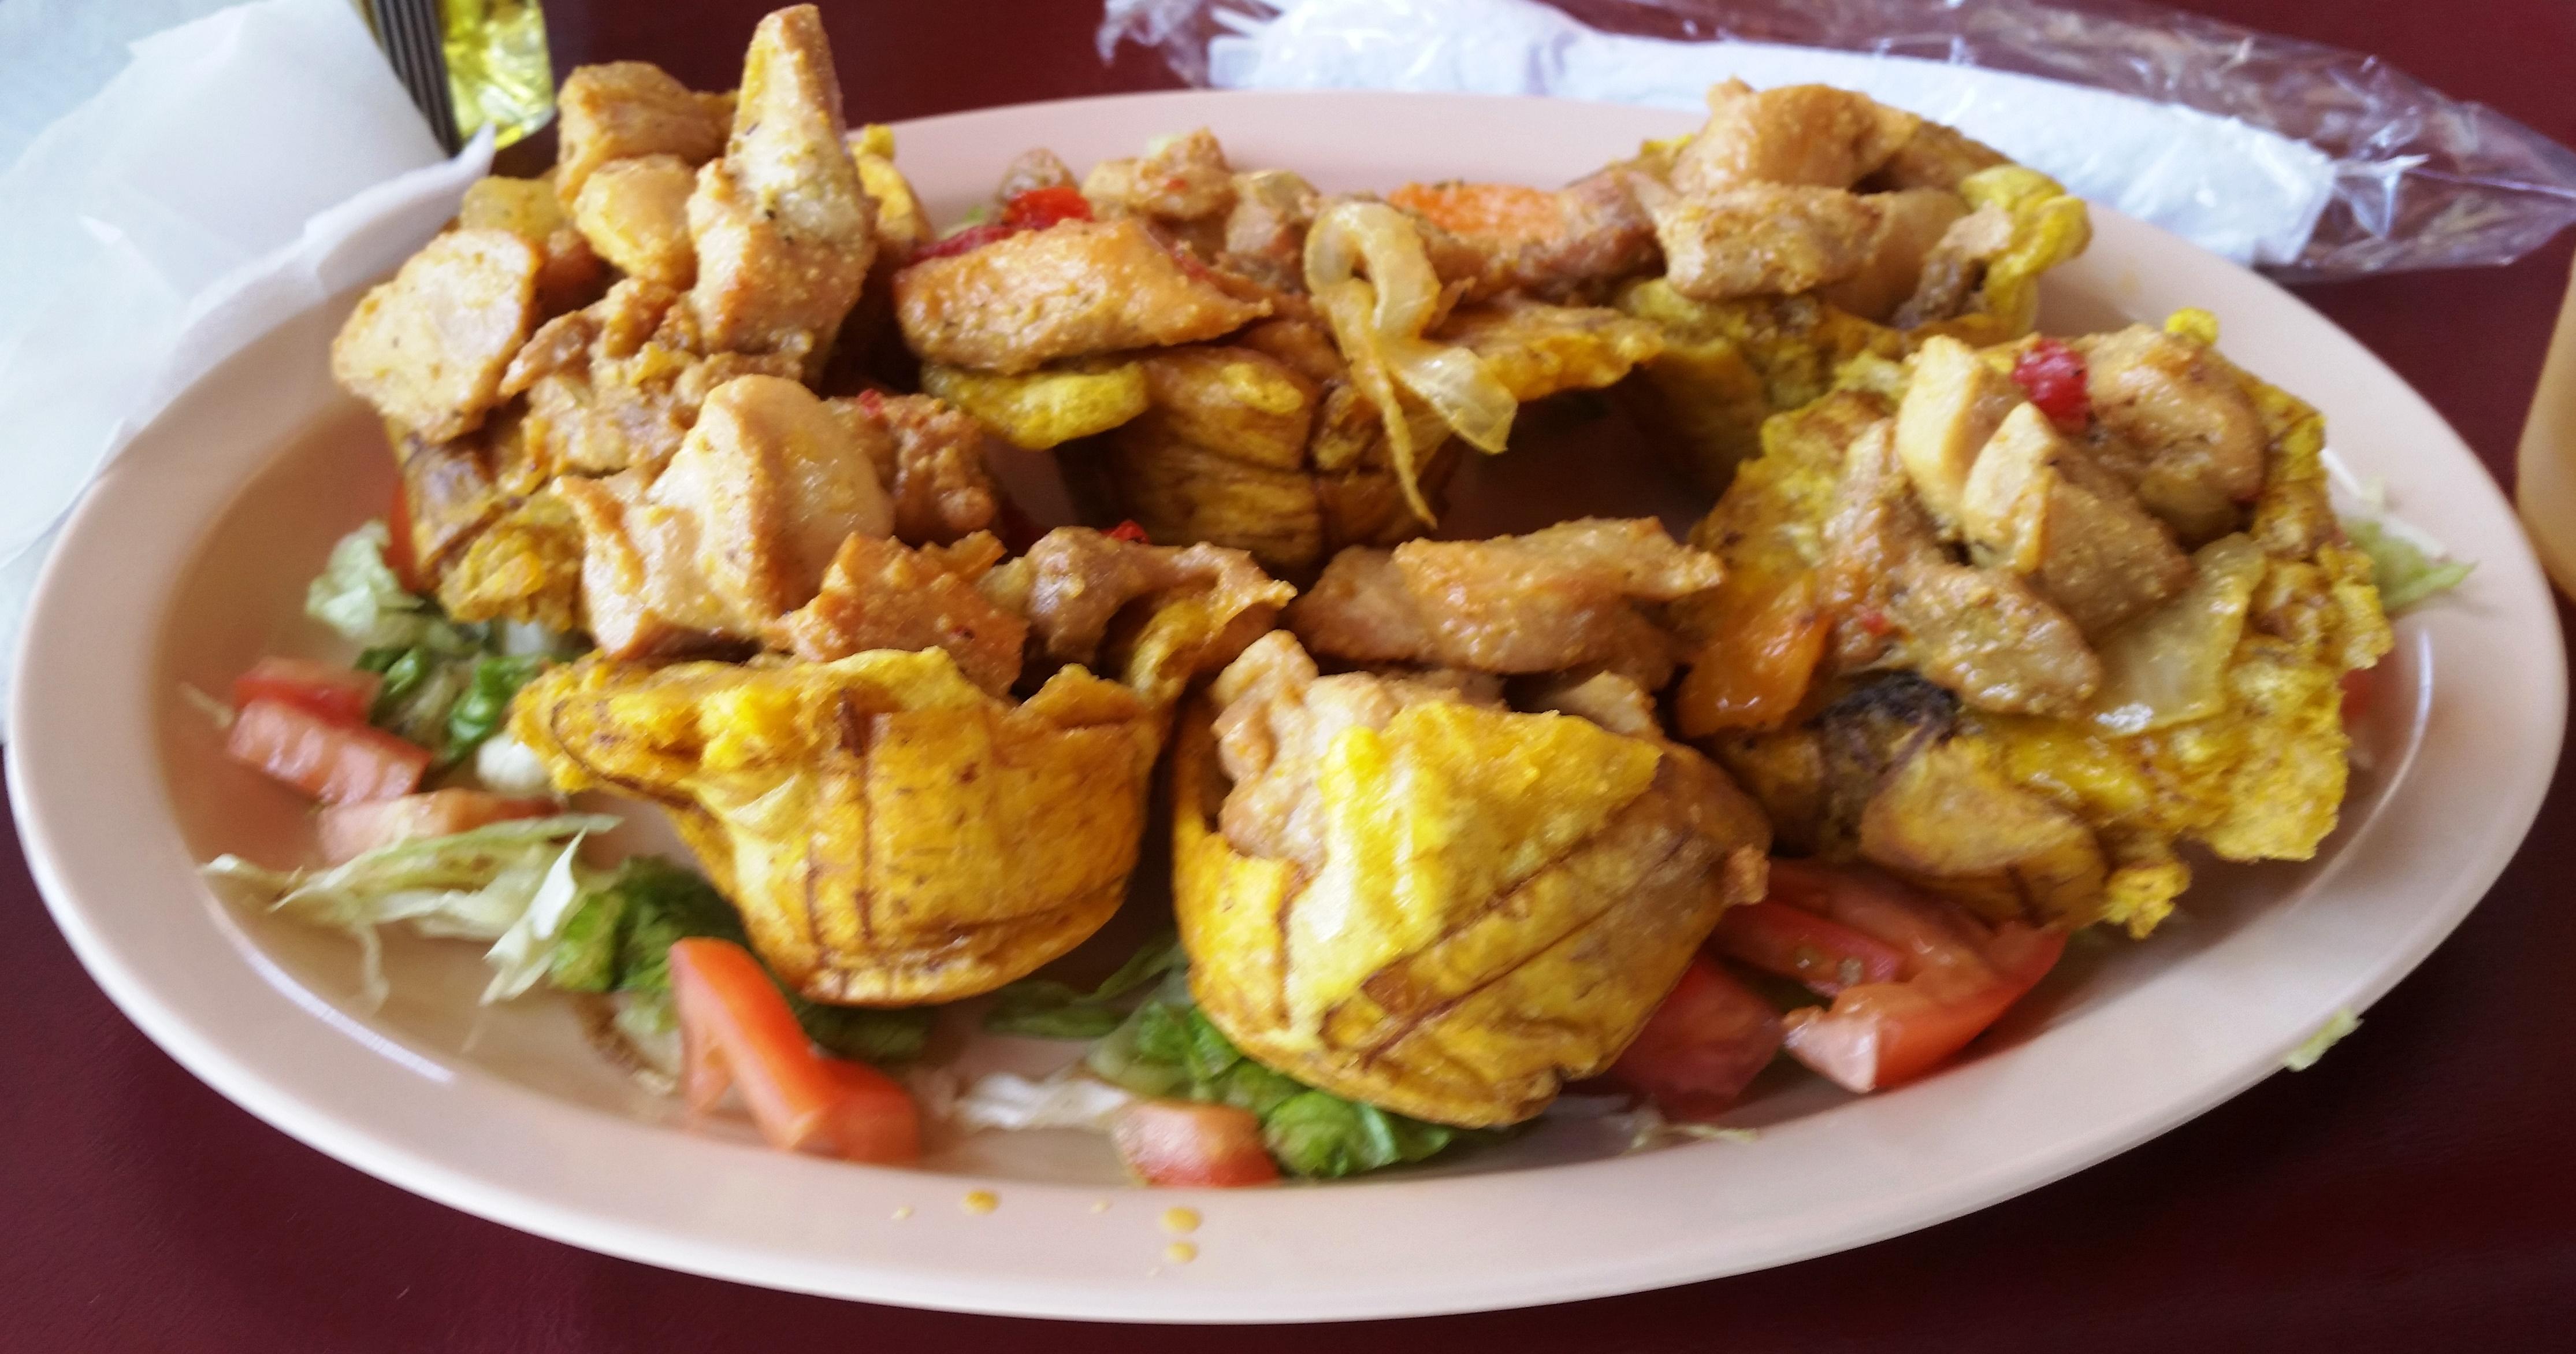 Calabash Chicken Food Truck